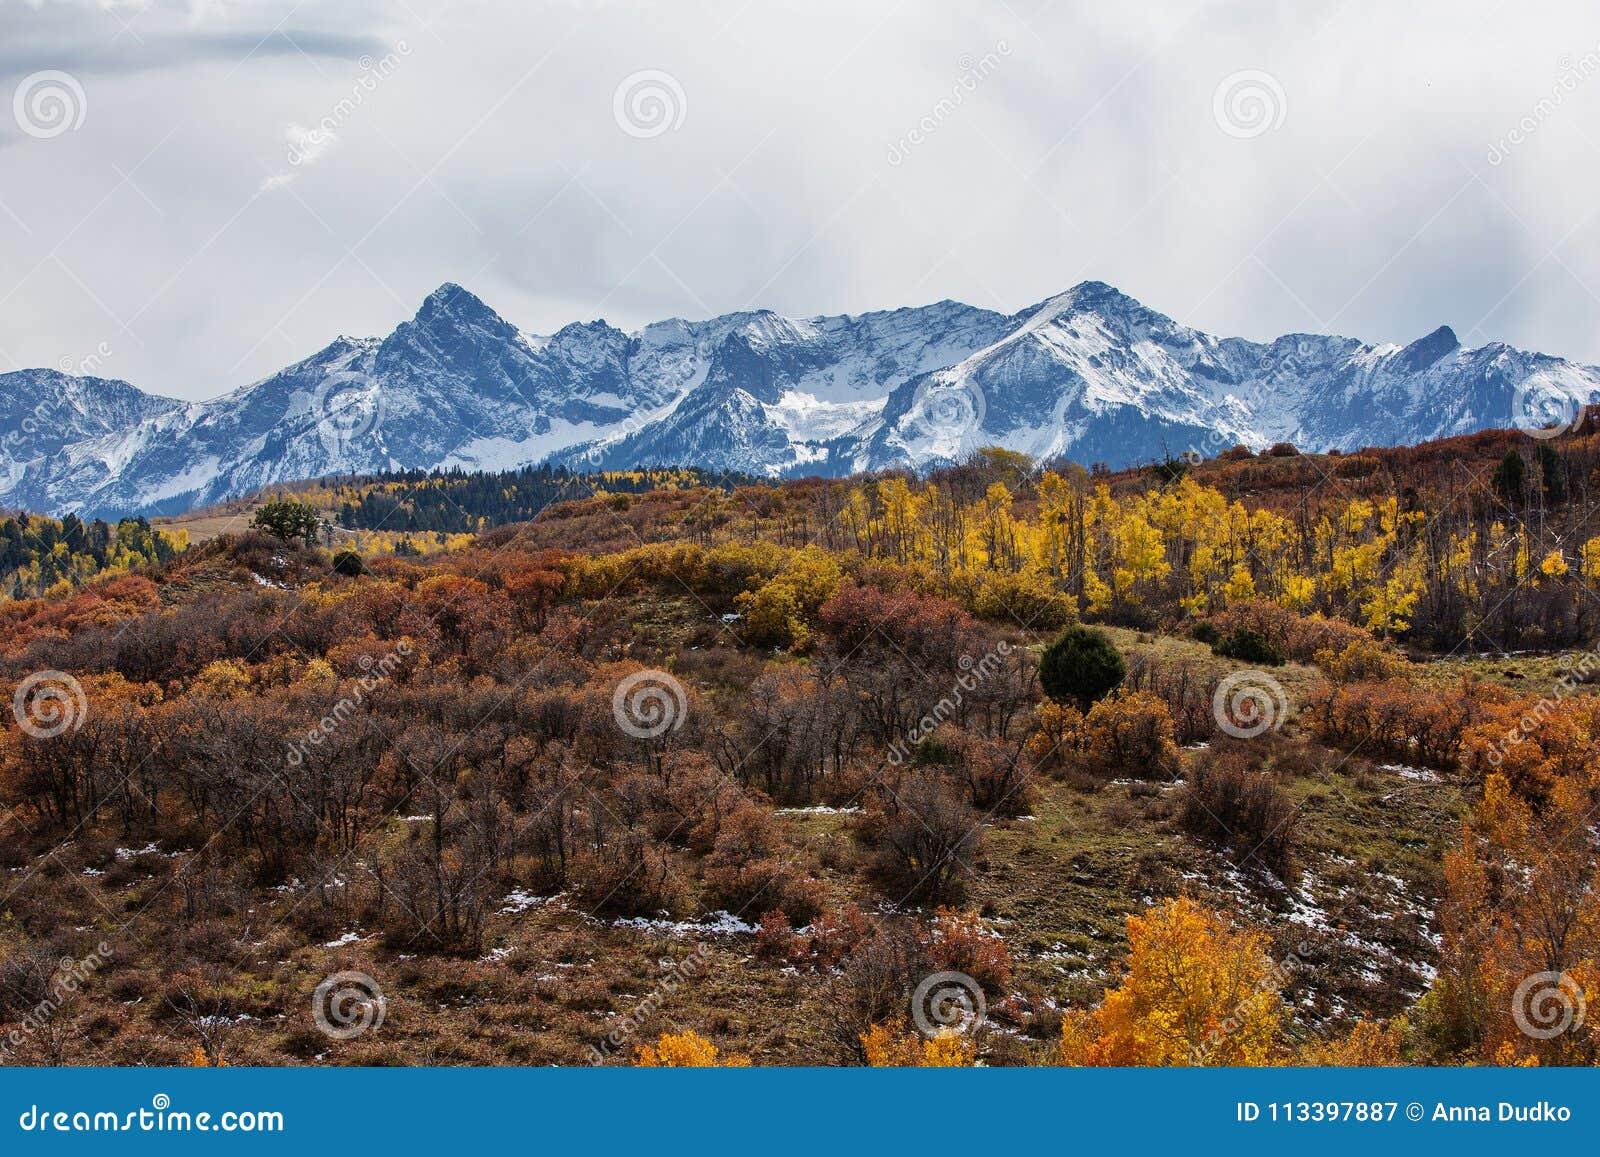 Paisajes Asombrosos Del Bosque Del Estado De San Juan En Colorado - Paisajes-asombrosos